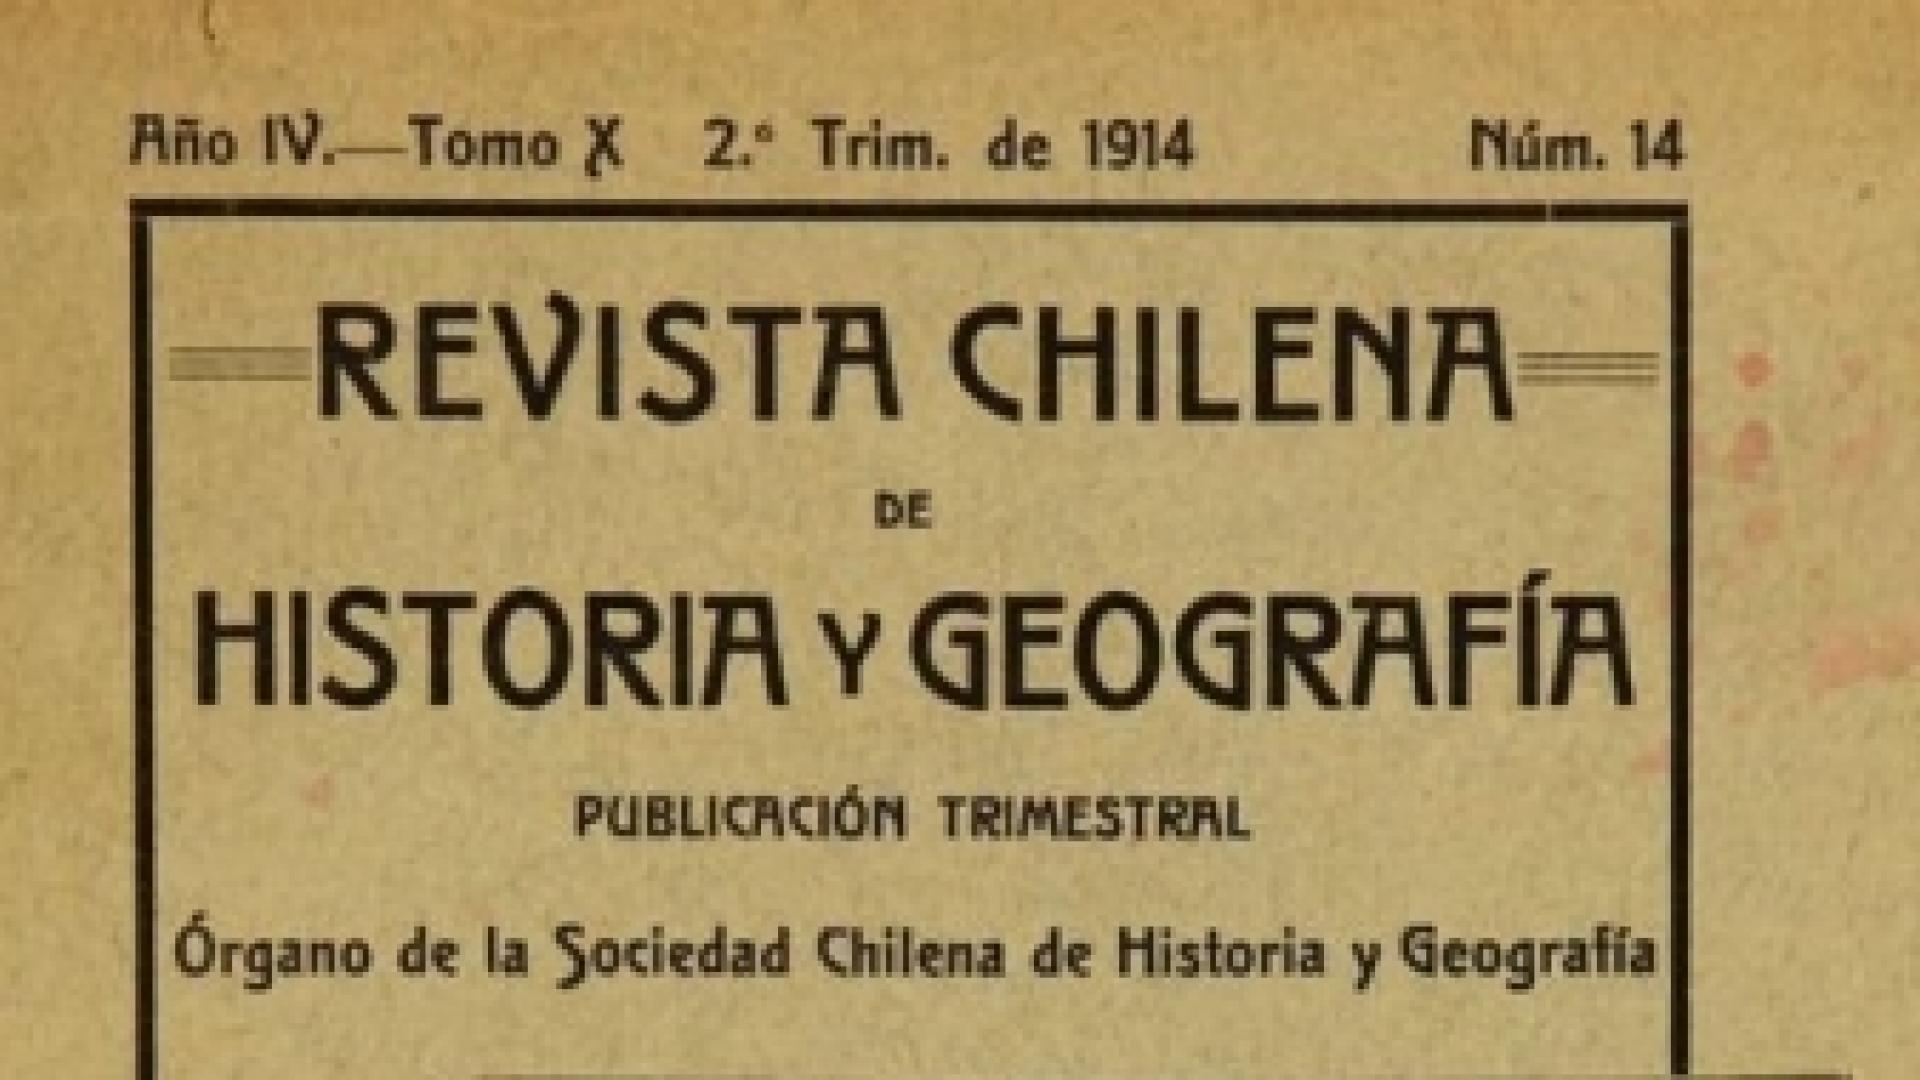 Imagen de Memoria Chilena digitaliza y pone a disposición pública la Revista Chilena de Historia y Geografía.